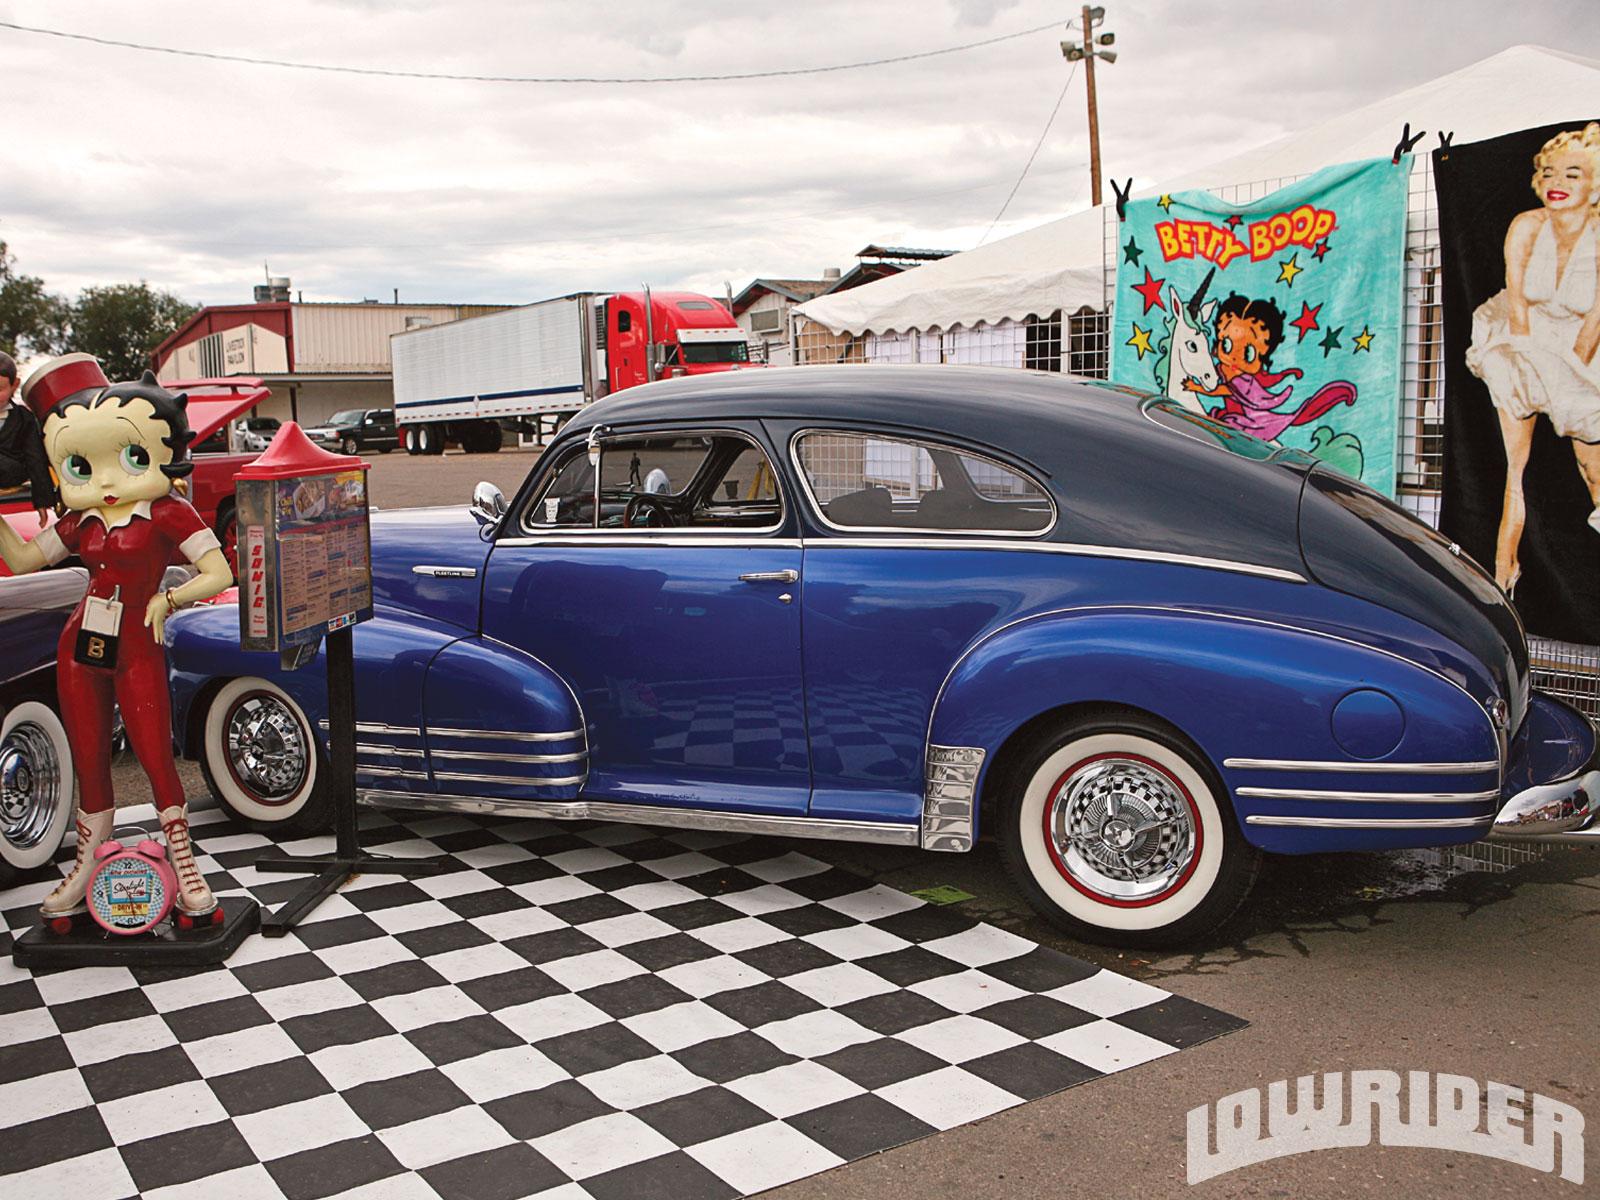 Pueblo Colorado Car Show Chevy Impala Lowrider Magazine - Pueblo car show